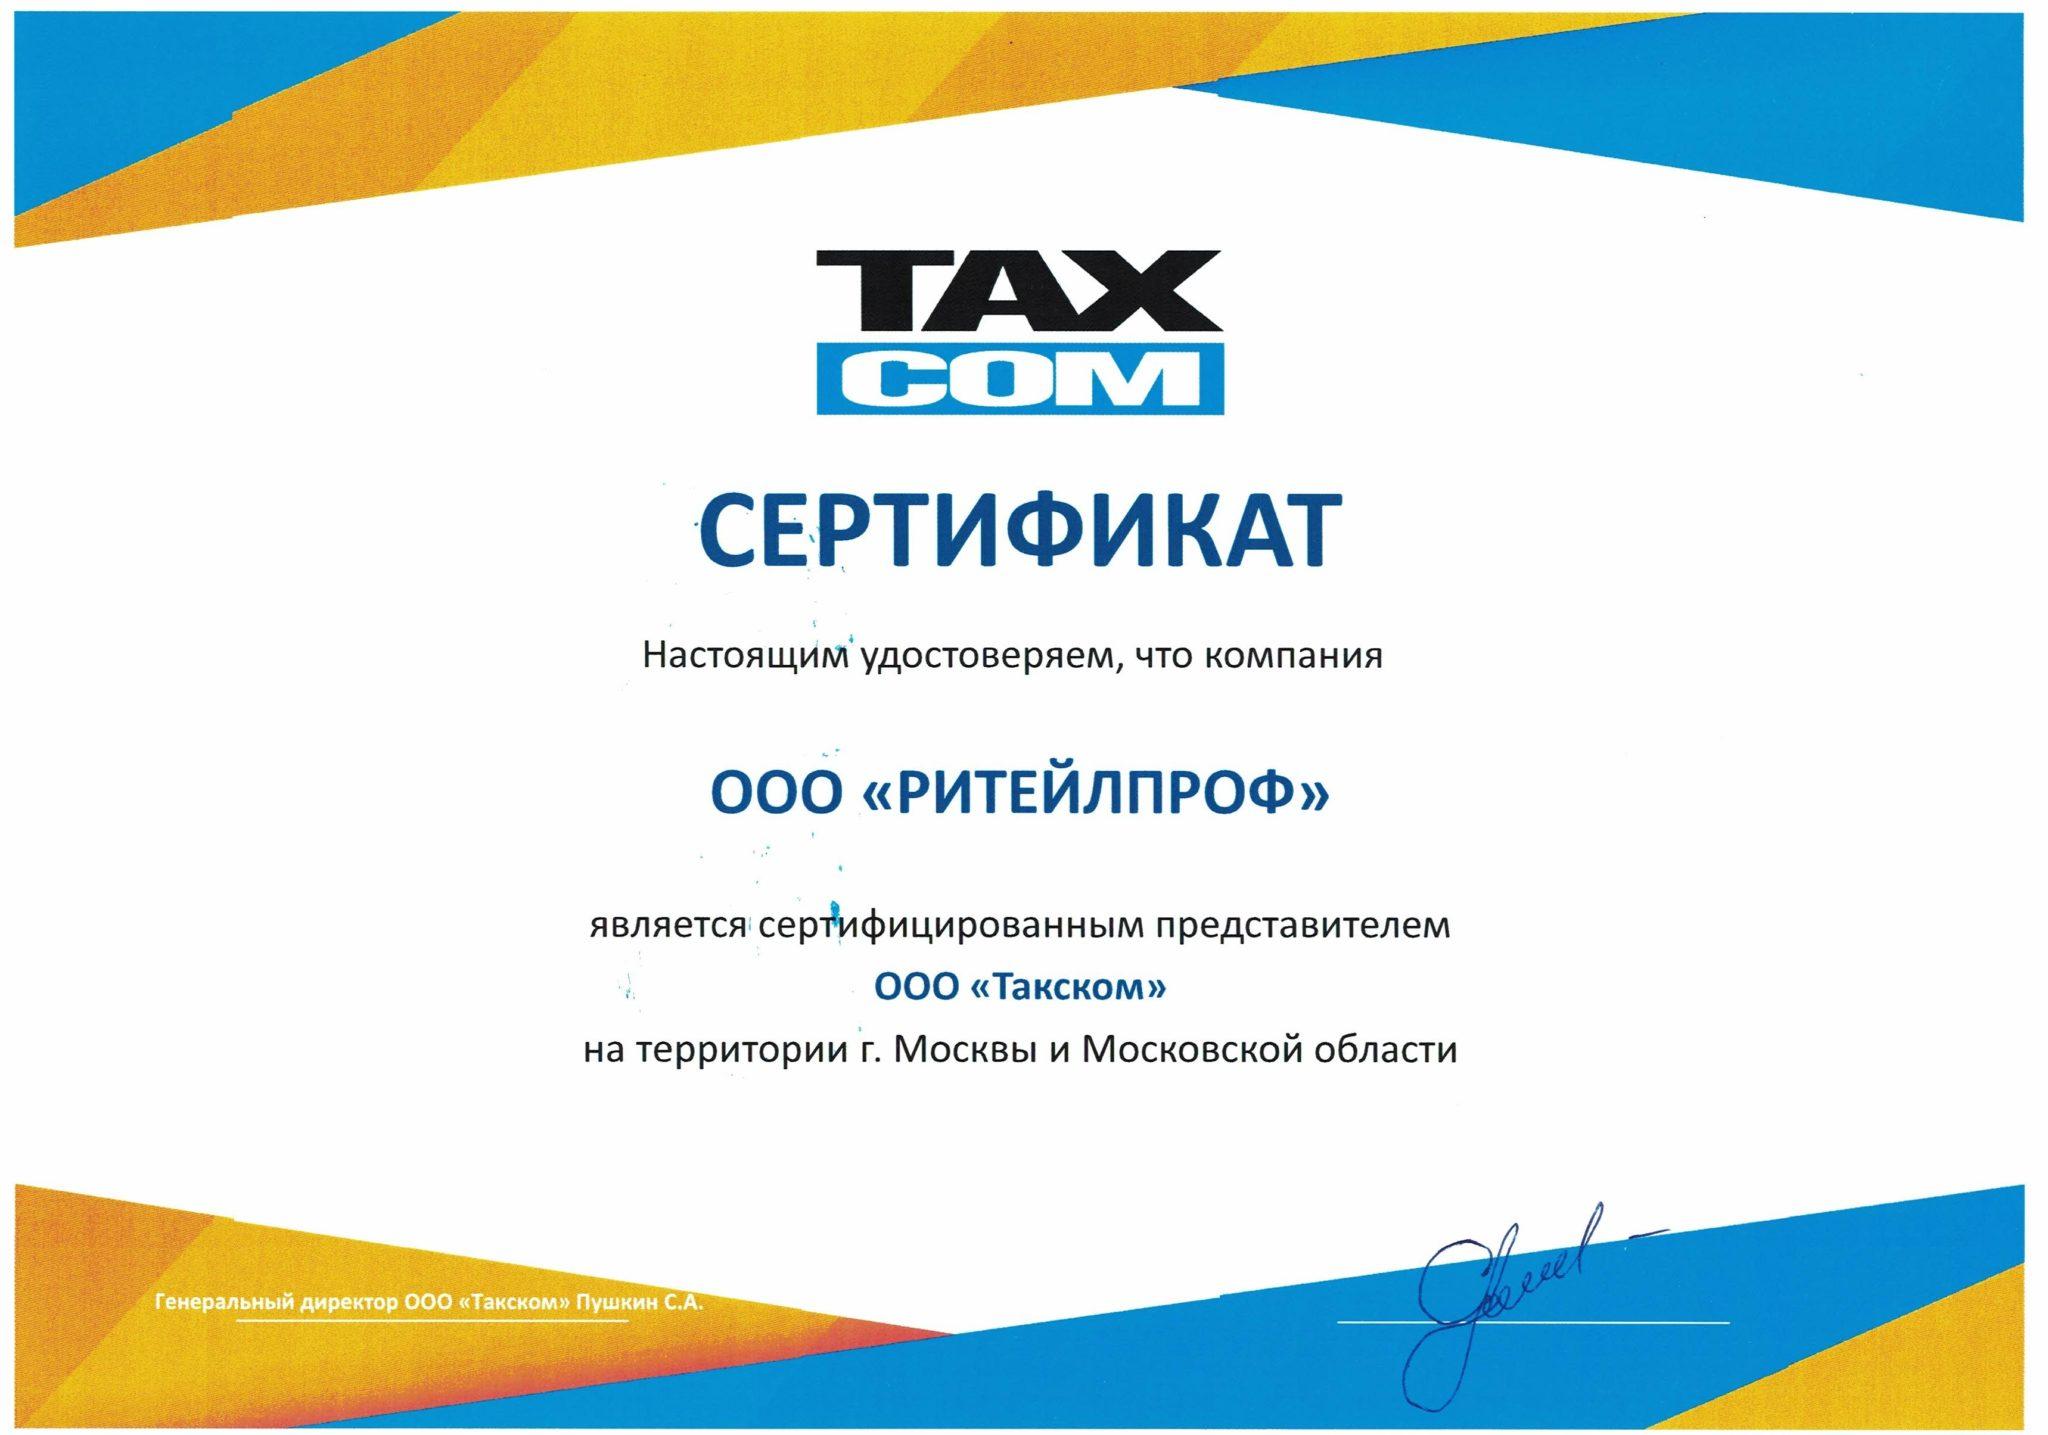 Сертификат компании Такском